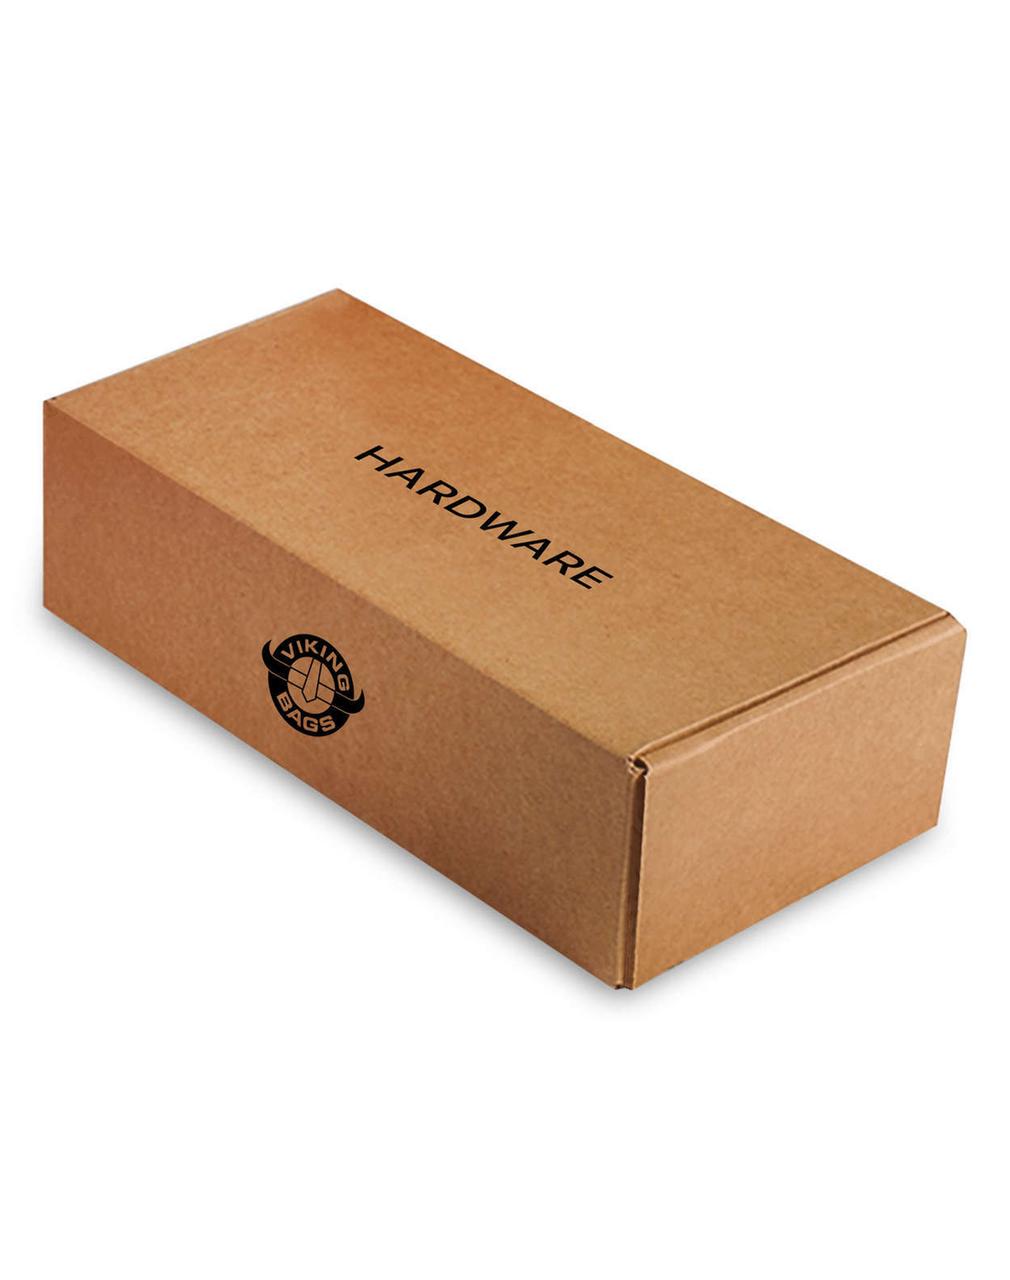 Honda Magna 750 Medium SS Slanted Motorcycle Saddlebags box